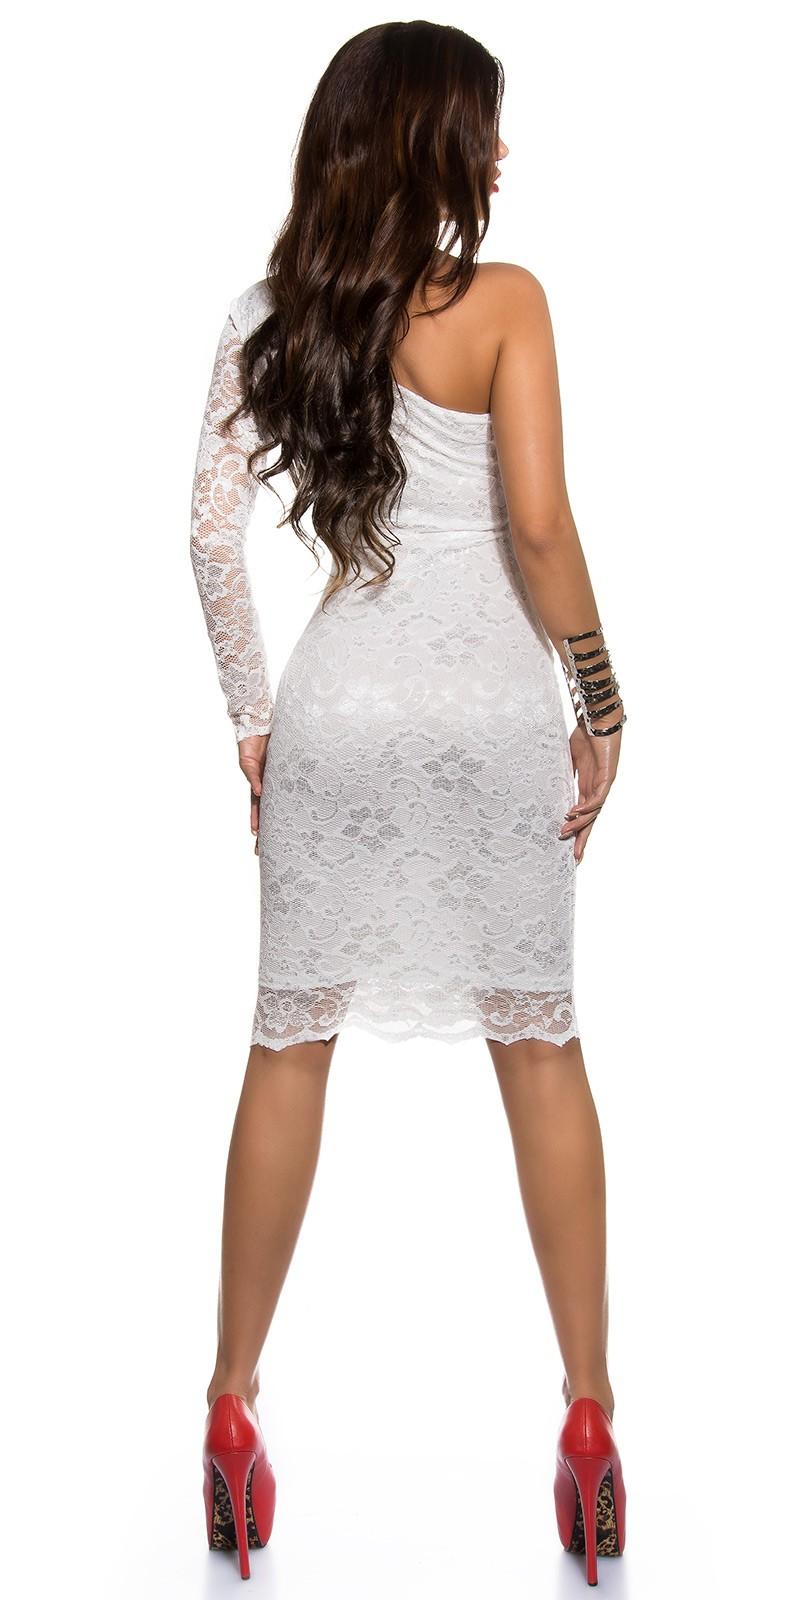 c51a534eec Csipkés félvállas női alkalmi ruha miniruha - Fehér (36-44). Az Ön  értékelése: